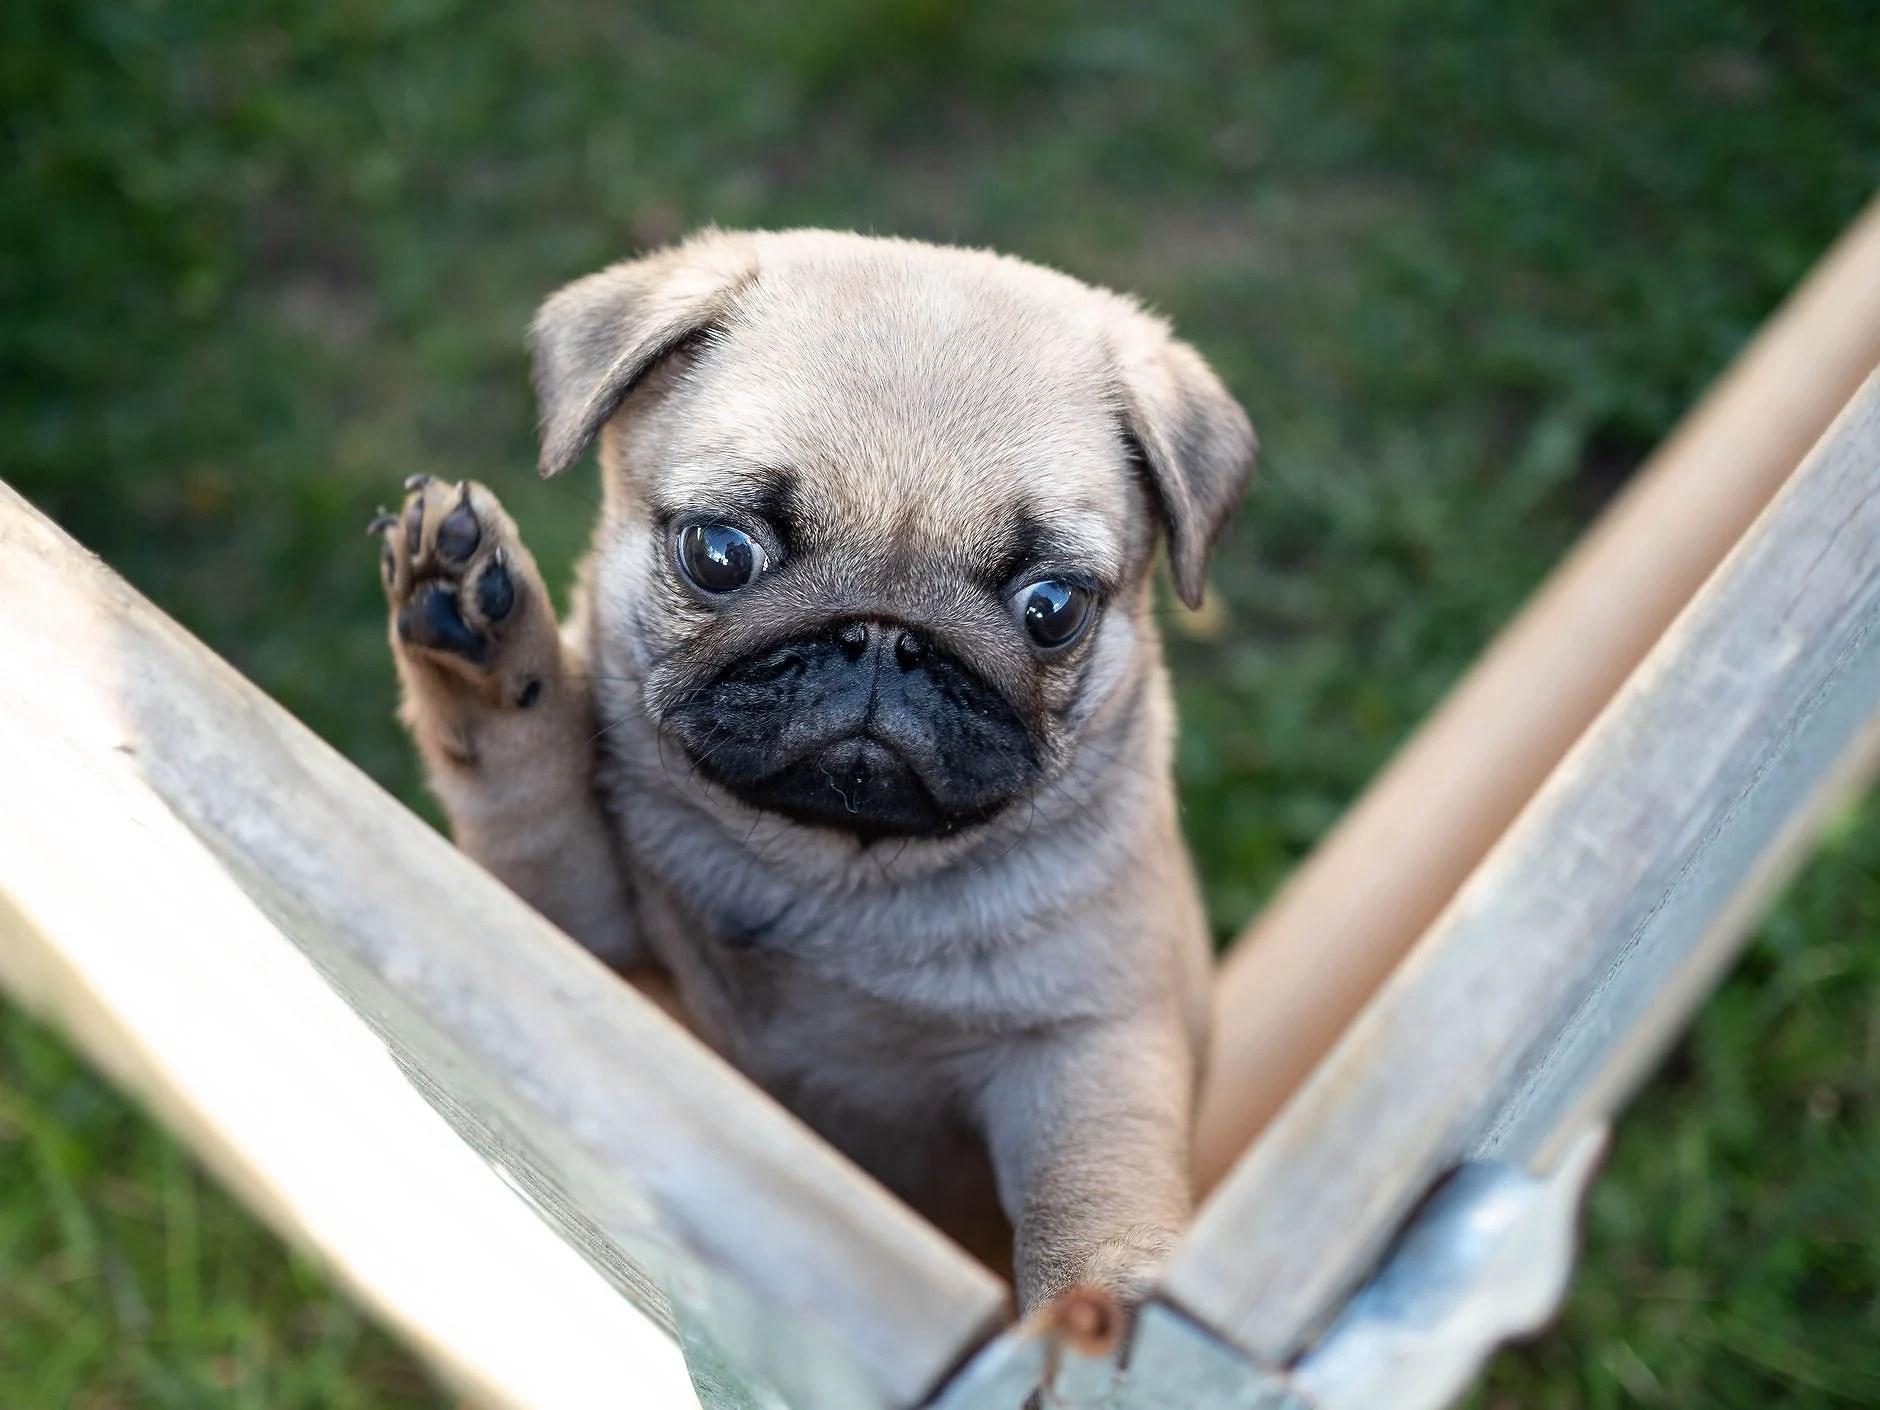 Vil noen ha meg?